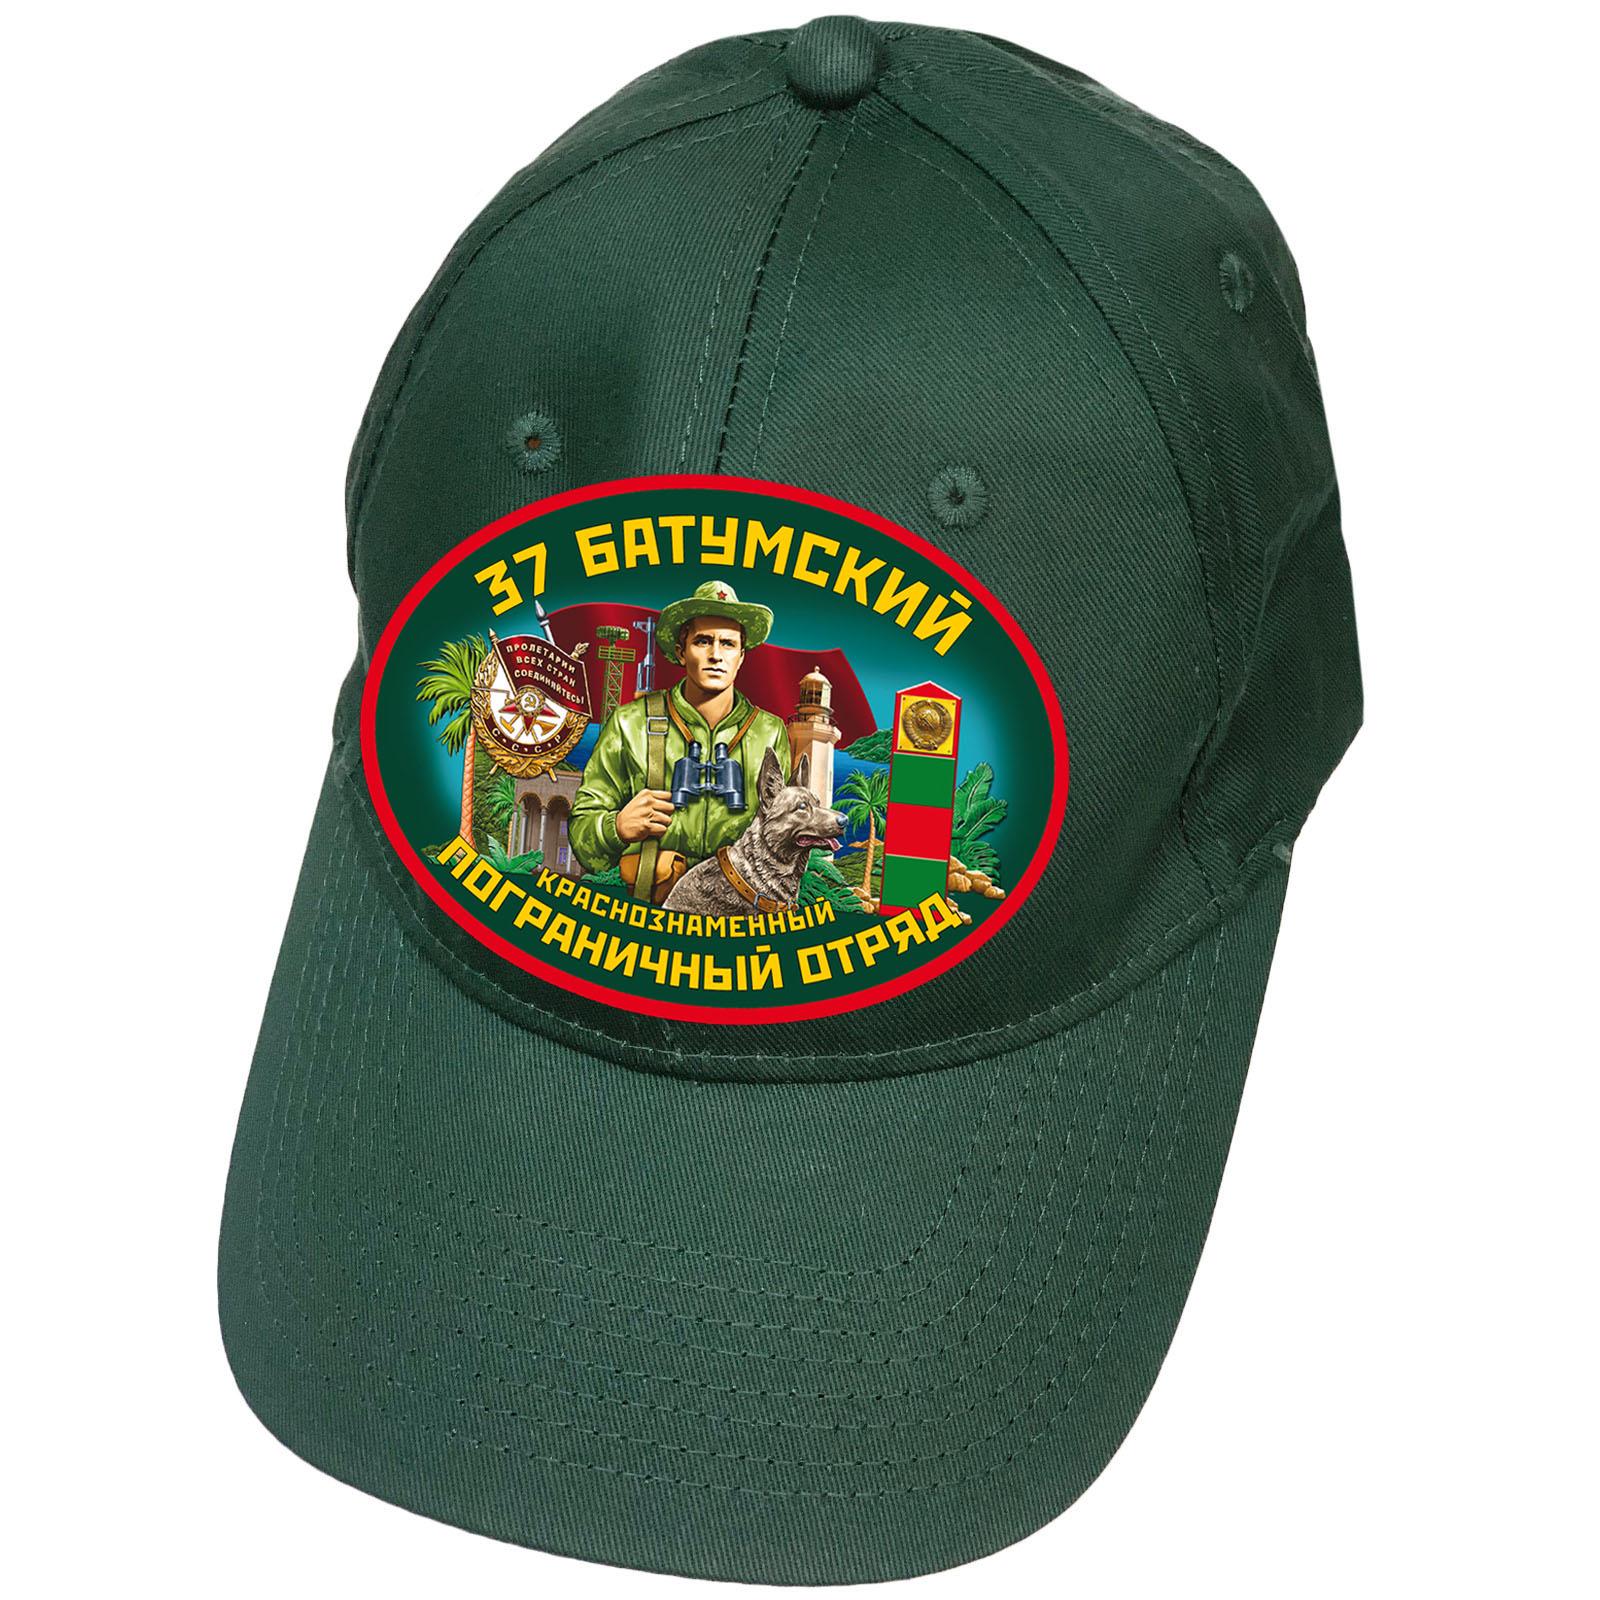 Тёмно-зелёная кепка 37 Батумского пограничного отряда